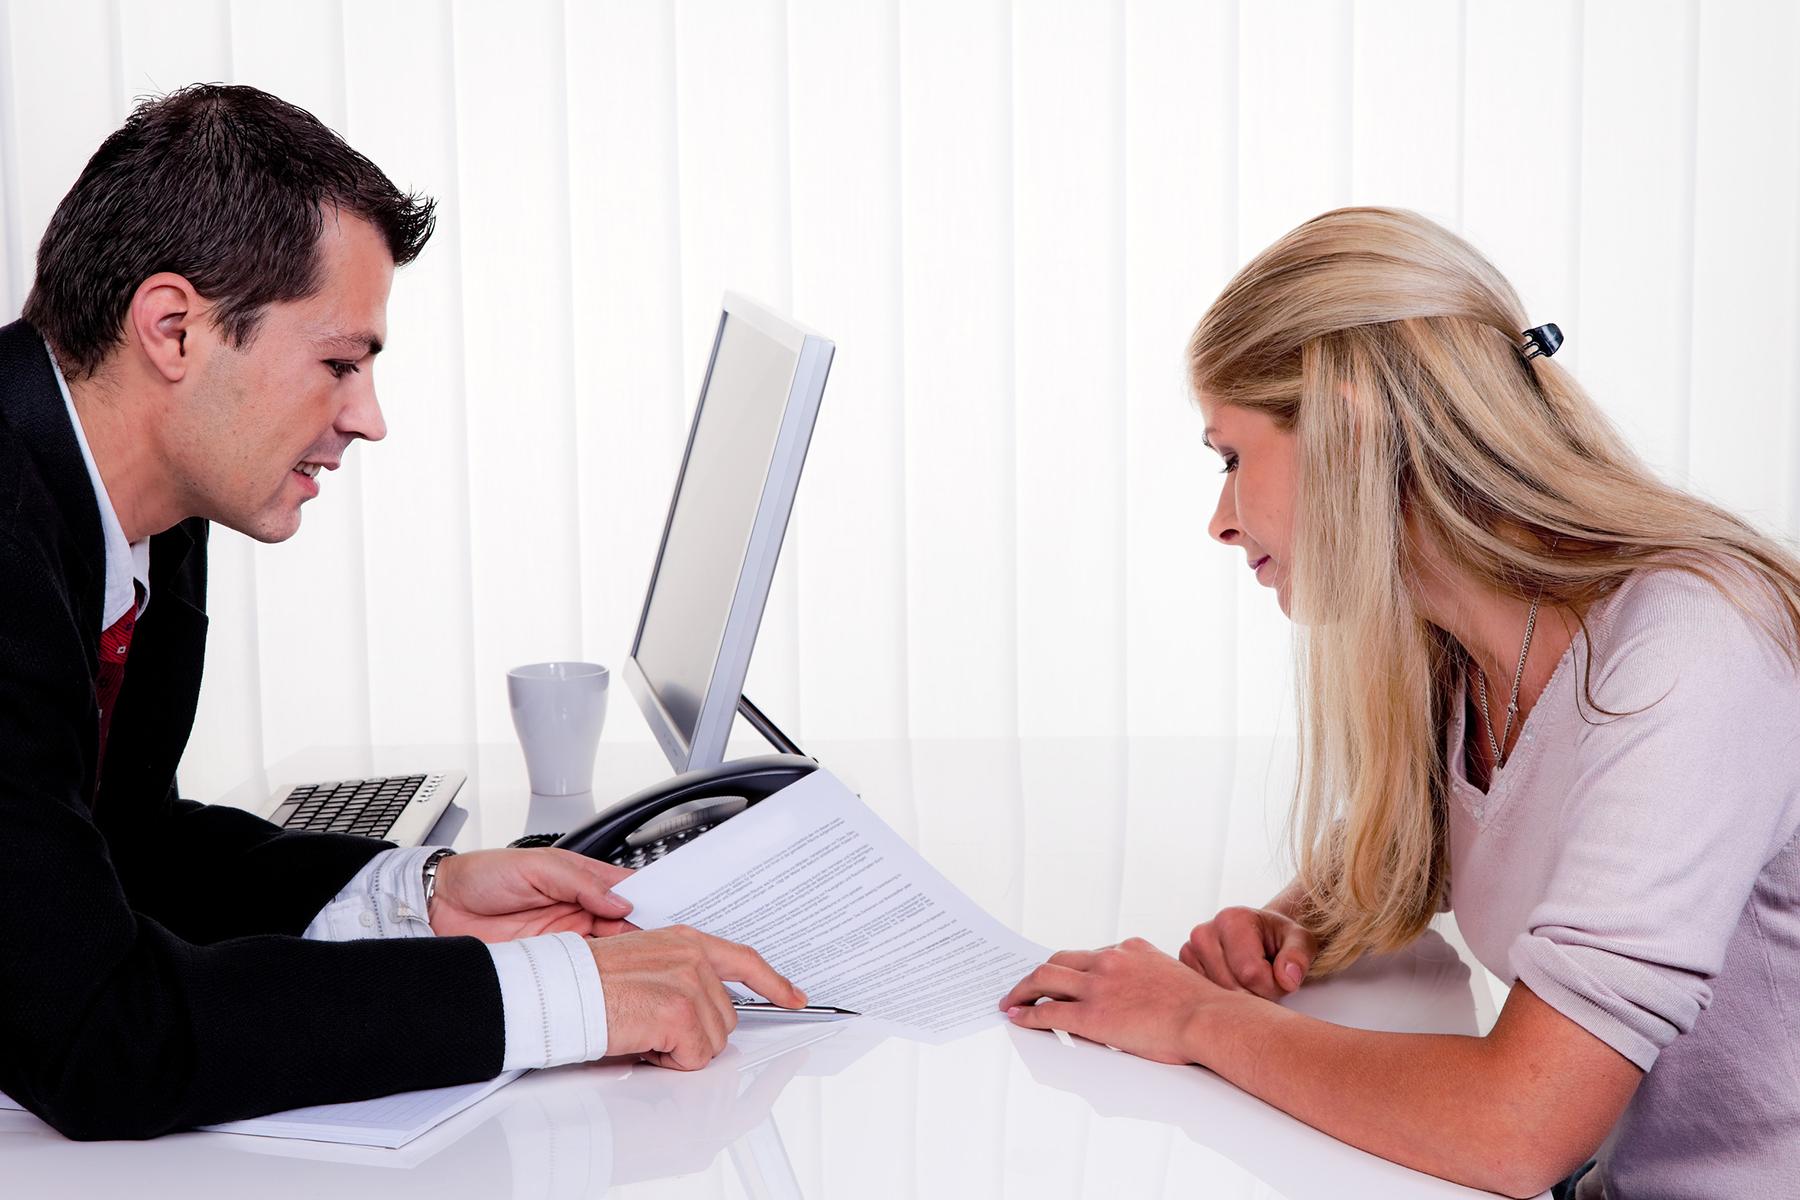 Mann und Frau bei einem Beratungsgespräch